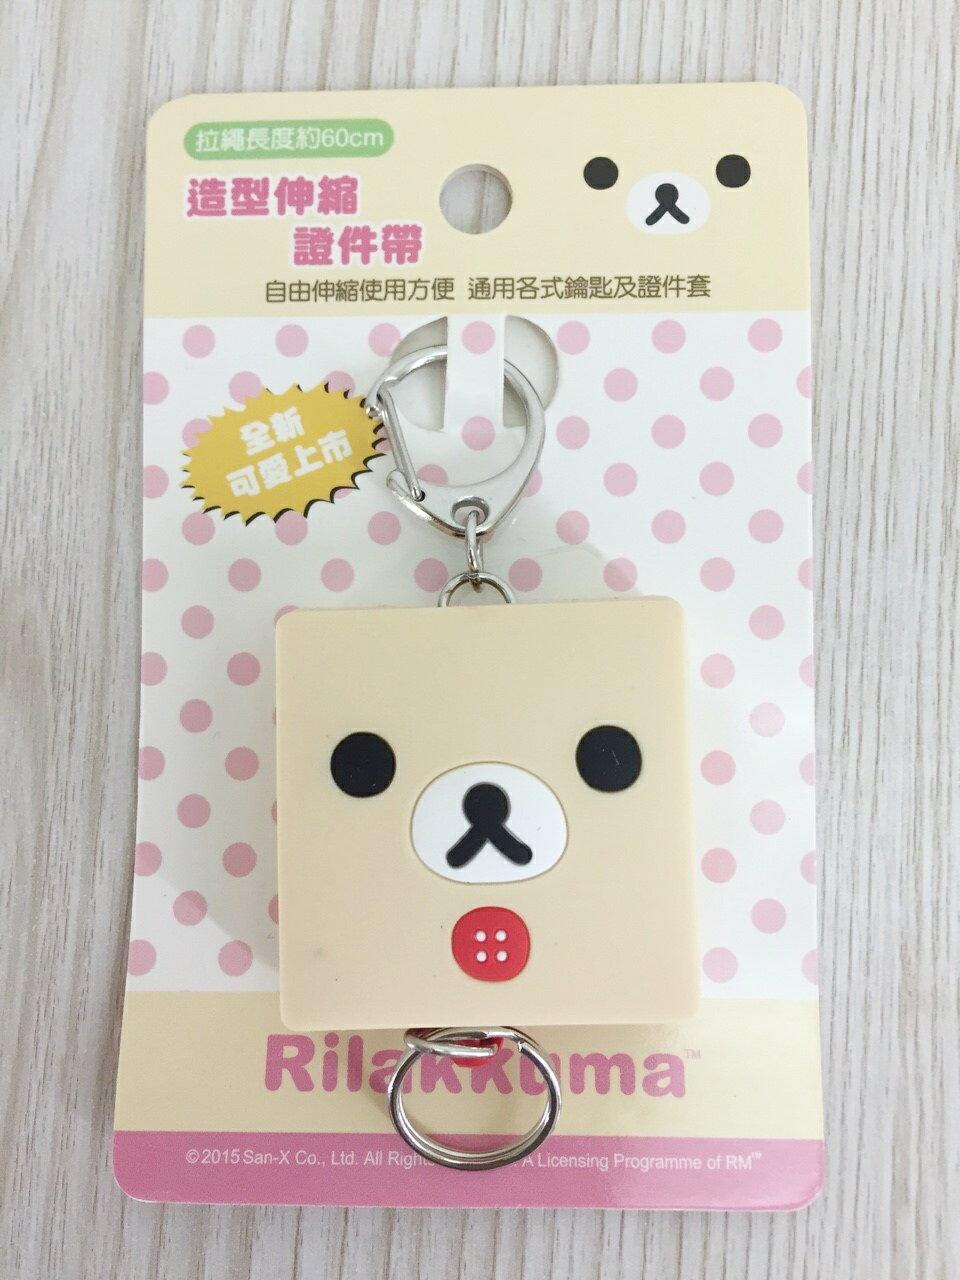 【真愛日本】15120100020方型伸縮證件帶-奶熊 SAN-X 懶熊 奶妹 奶熊 拉拉熊 證件夾 證件帶 生活用品